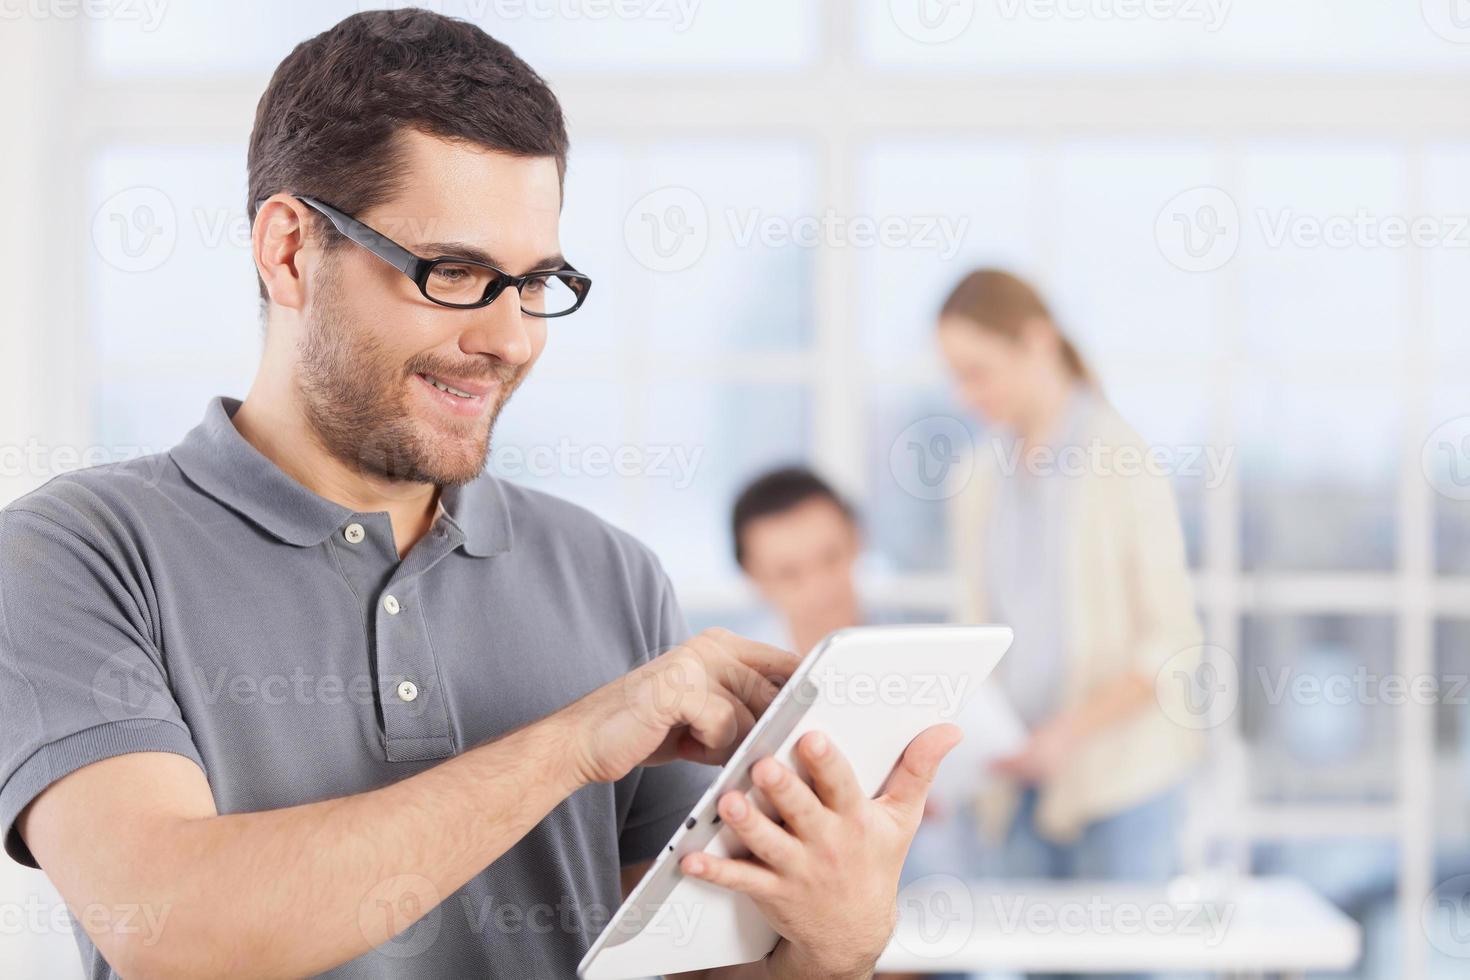 homme avec tablette numérique. photo